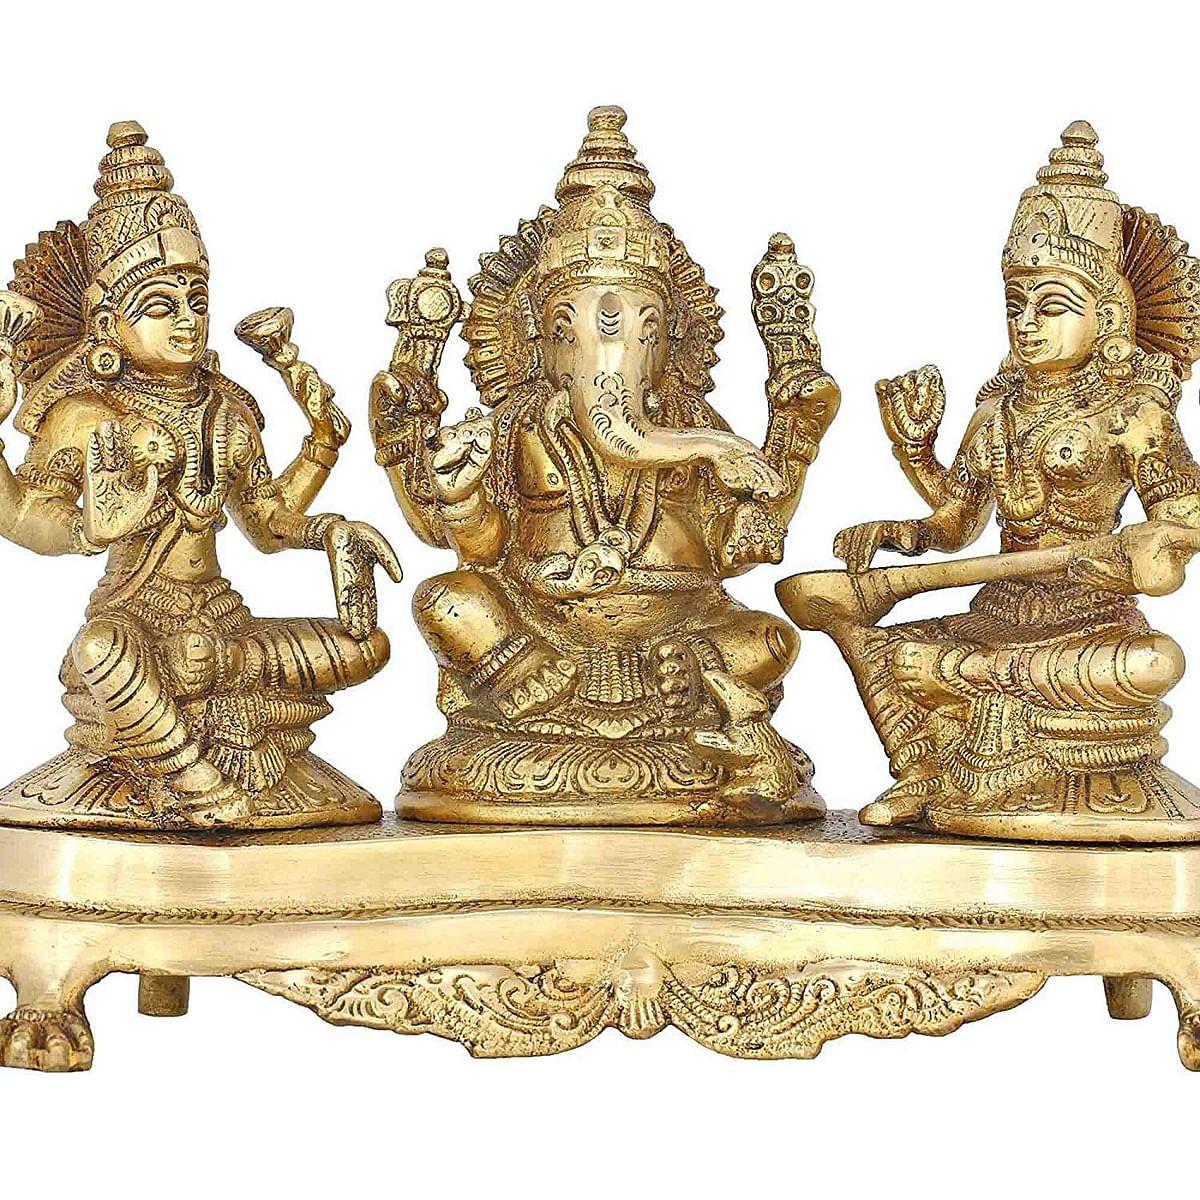 लक्ष्मी, गणेश और सरस्वती की मूर्ति